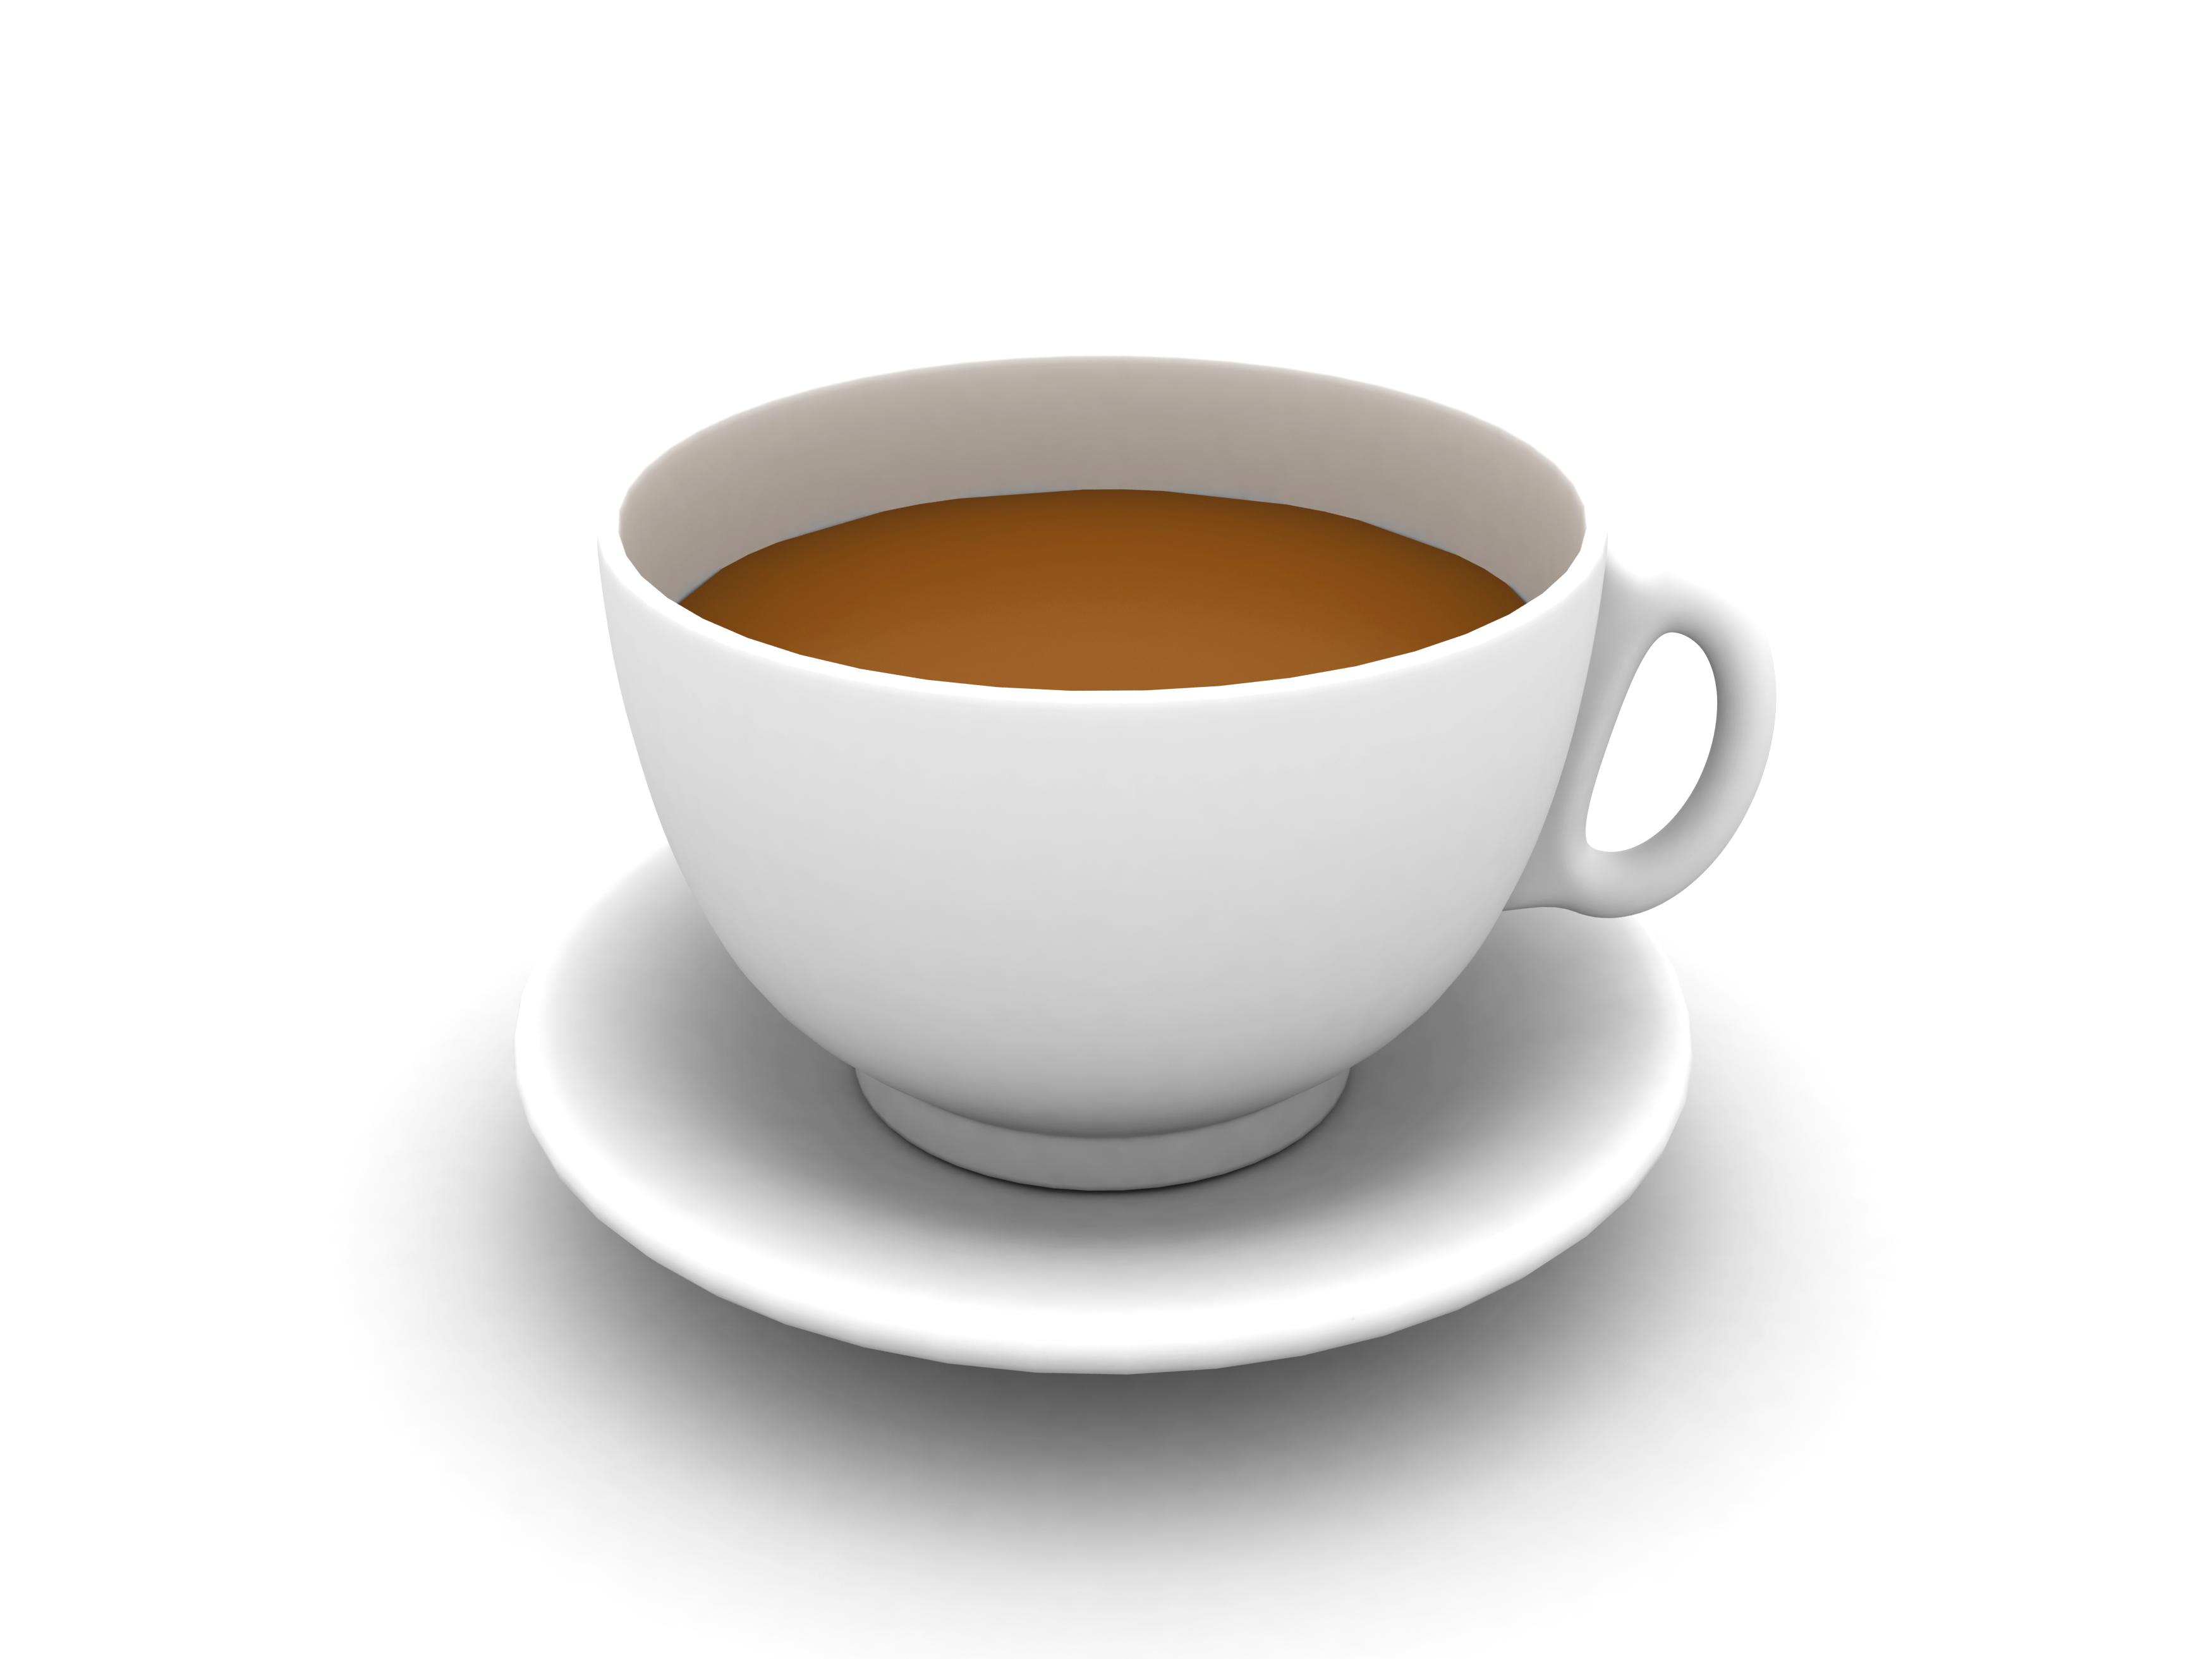 Tea Cup - Tea HD PNG - Cup PNG HD